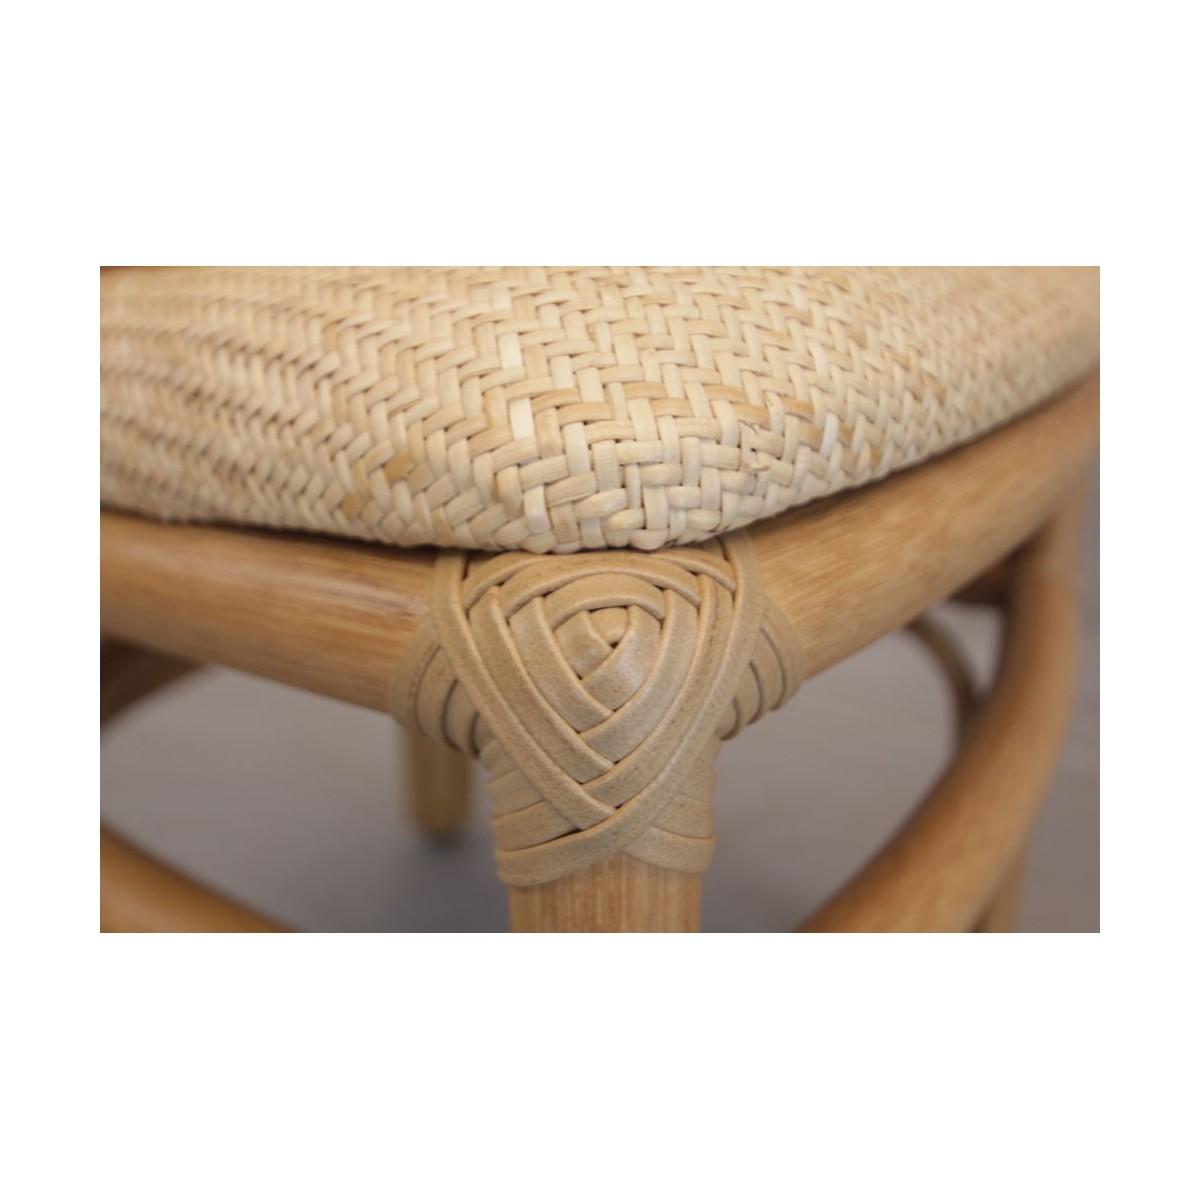 Chaise en rotin et ligatures en cuir coloris noisette for Chaise rotin et cuir